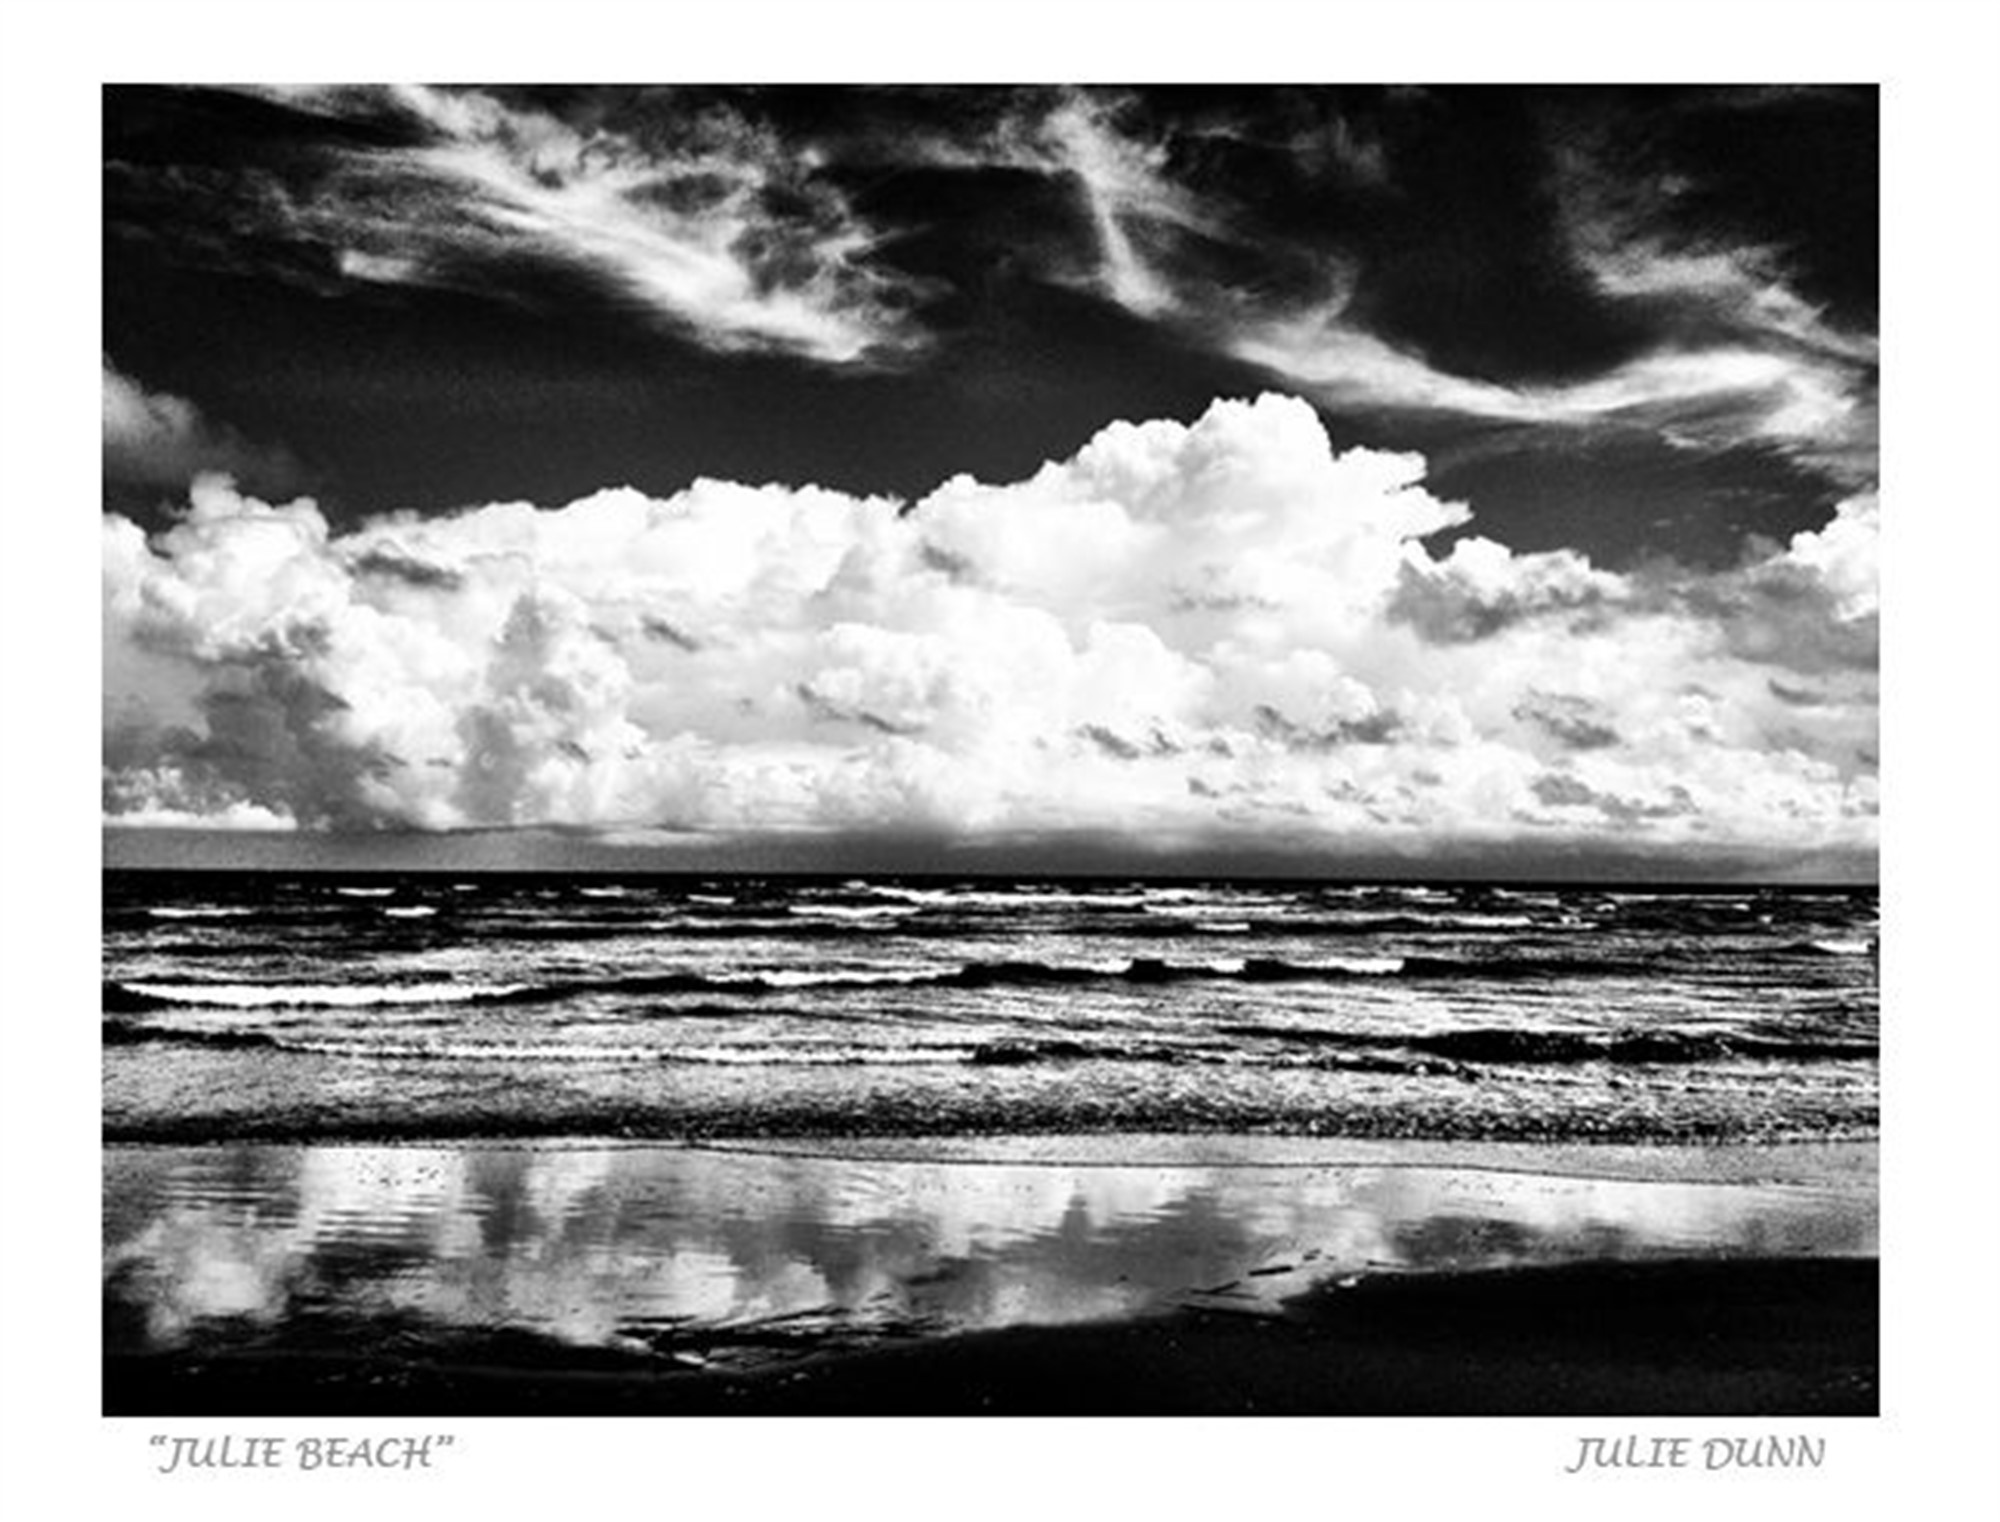 Julie Beach by Julie Dunn